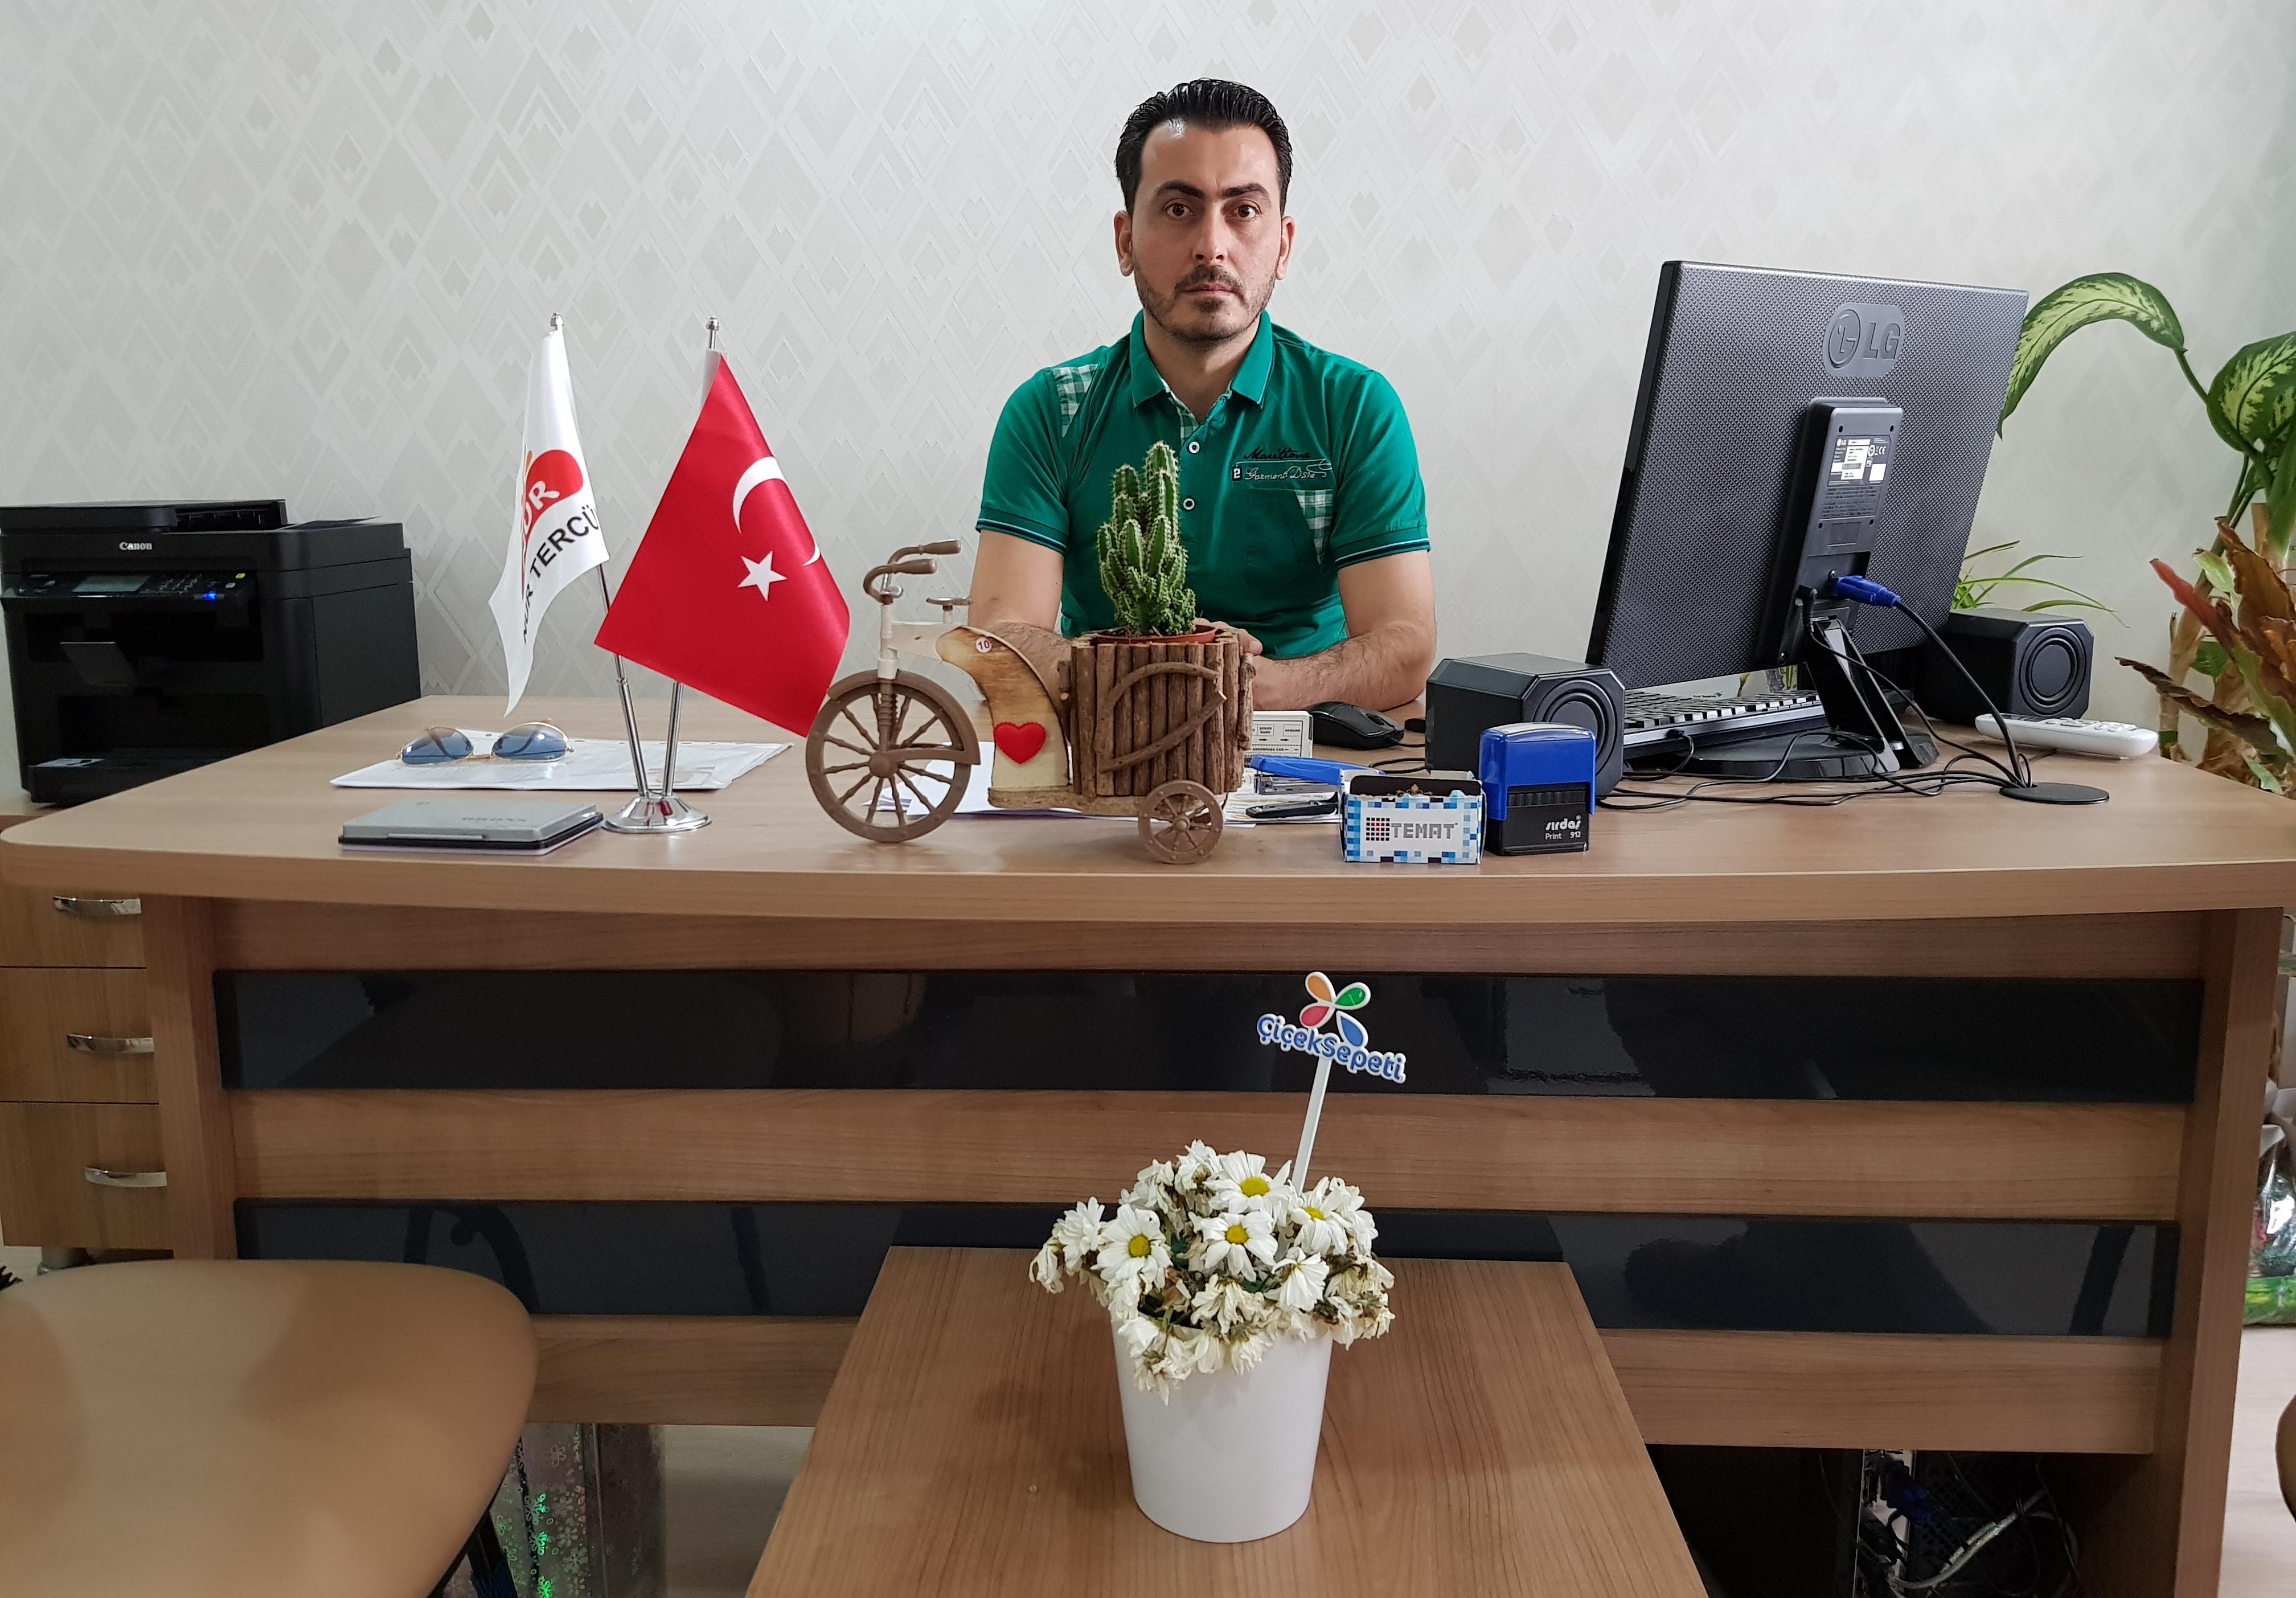 وأخيراً تقرر موعد عطلة المعلمين السوريين في تركيا و موعد توزيع الجلاءات للطلاب